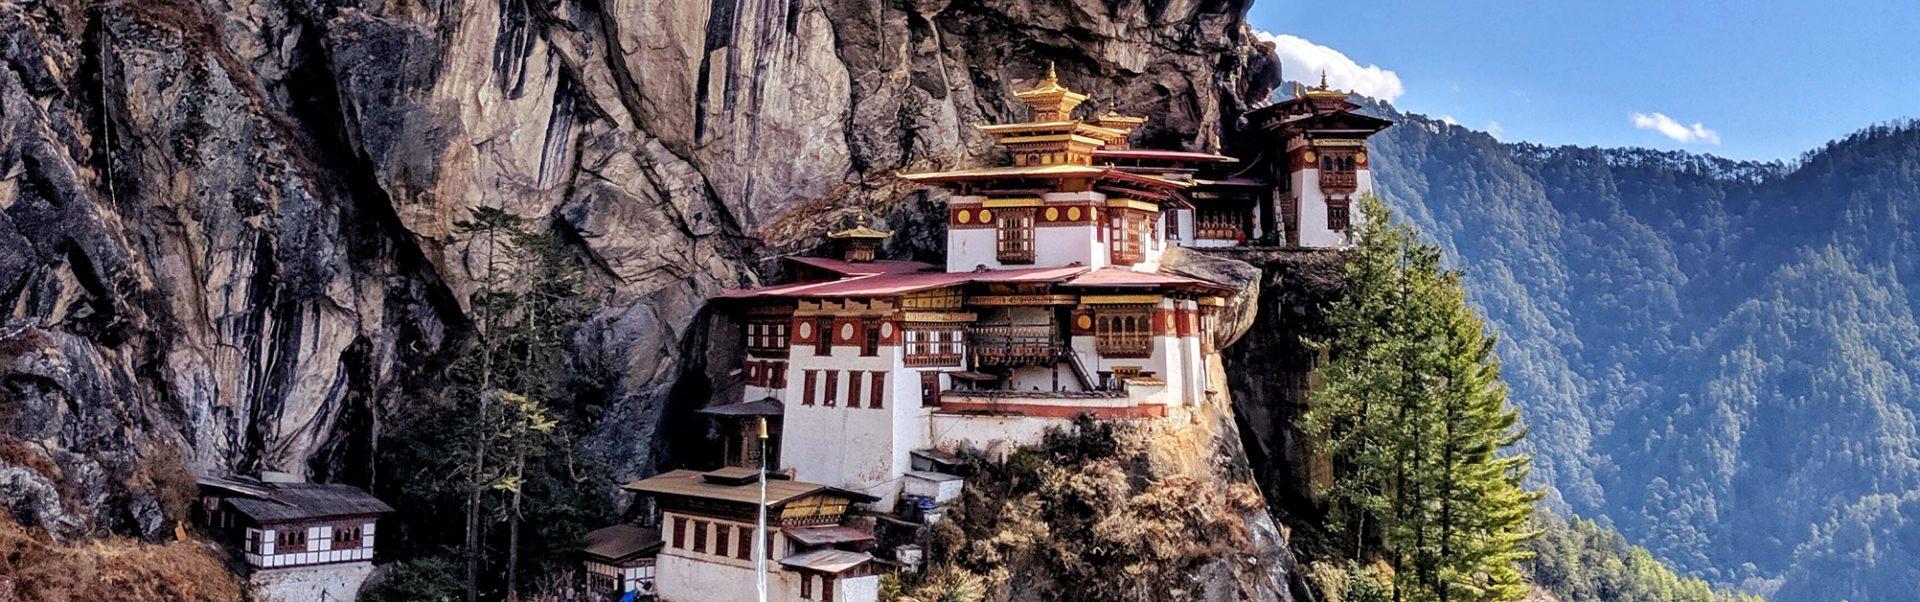 Kultur und Natur bei Bhutan Reisen mit erlebe